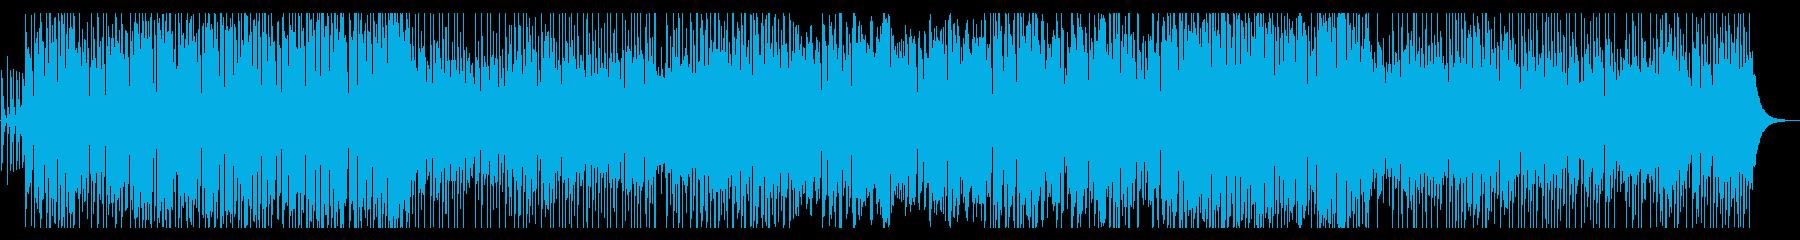 クール、シーケンス、Oberheimの再生済みの波形